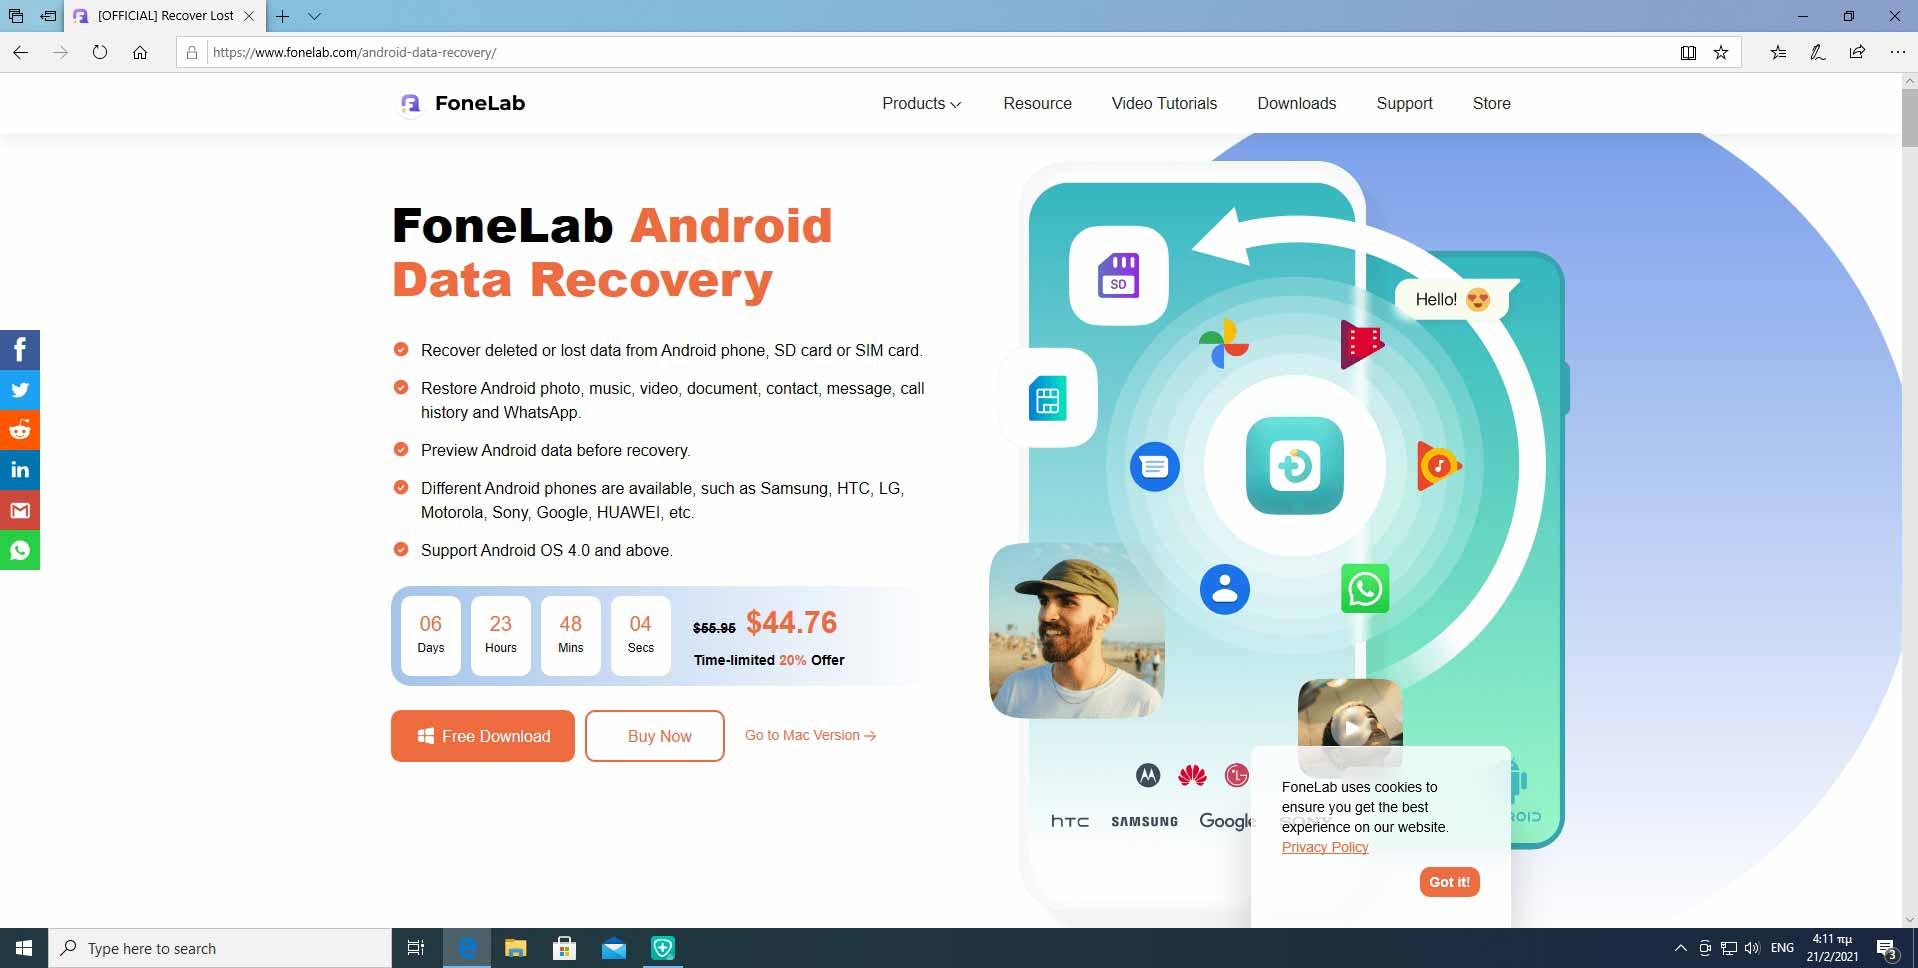 Descarga la aplicación FonLab desde su sitio oficial